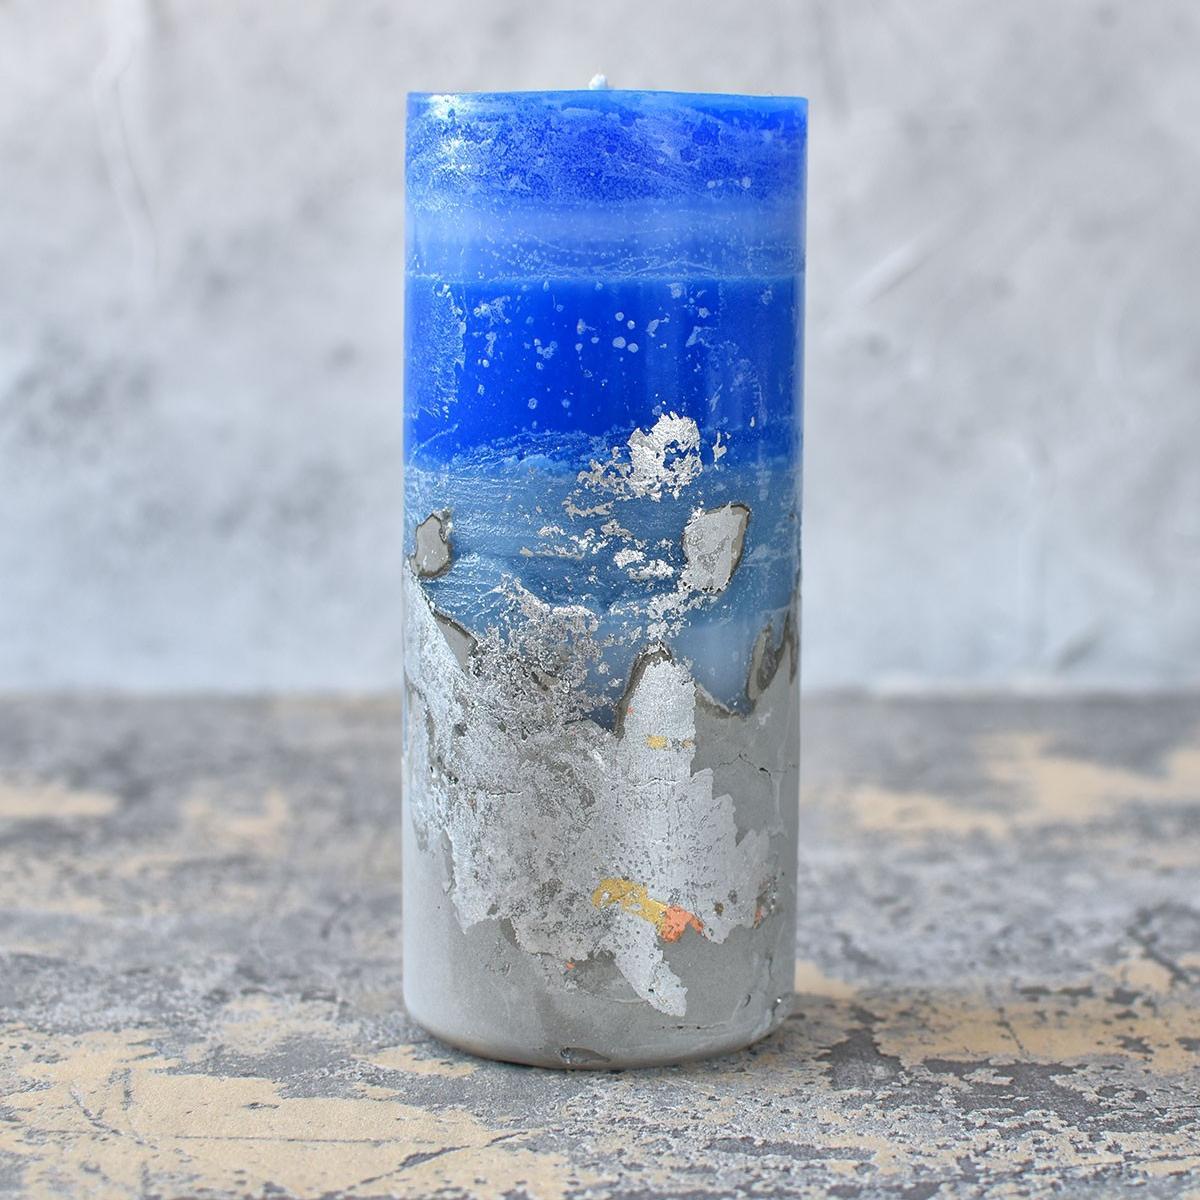 картинка Бетонная свеча - DishWishes.Ru